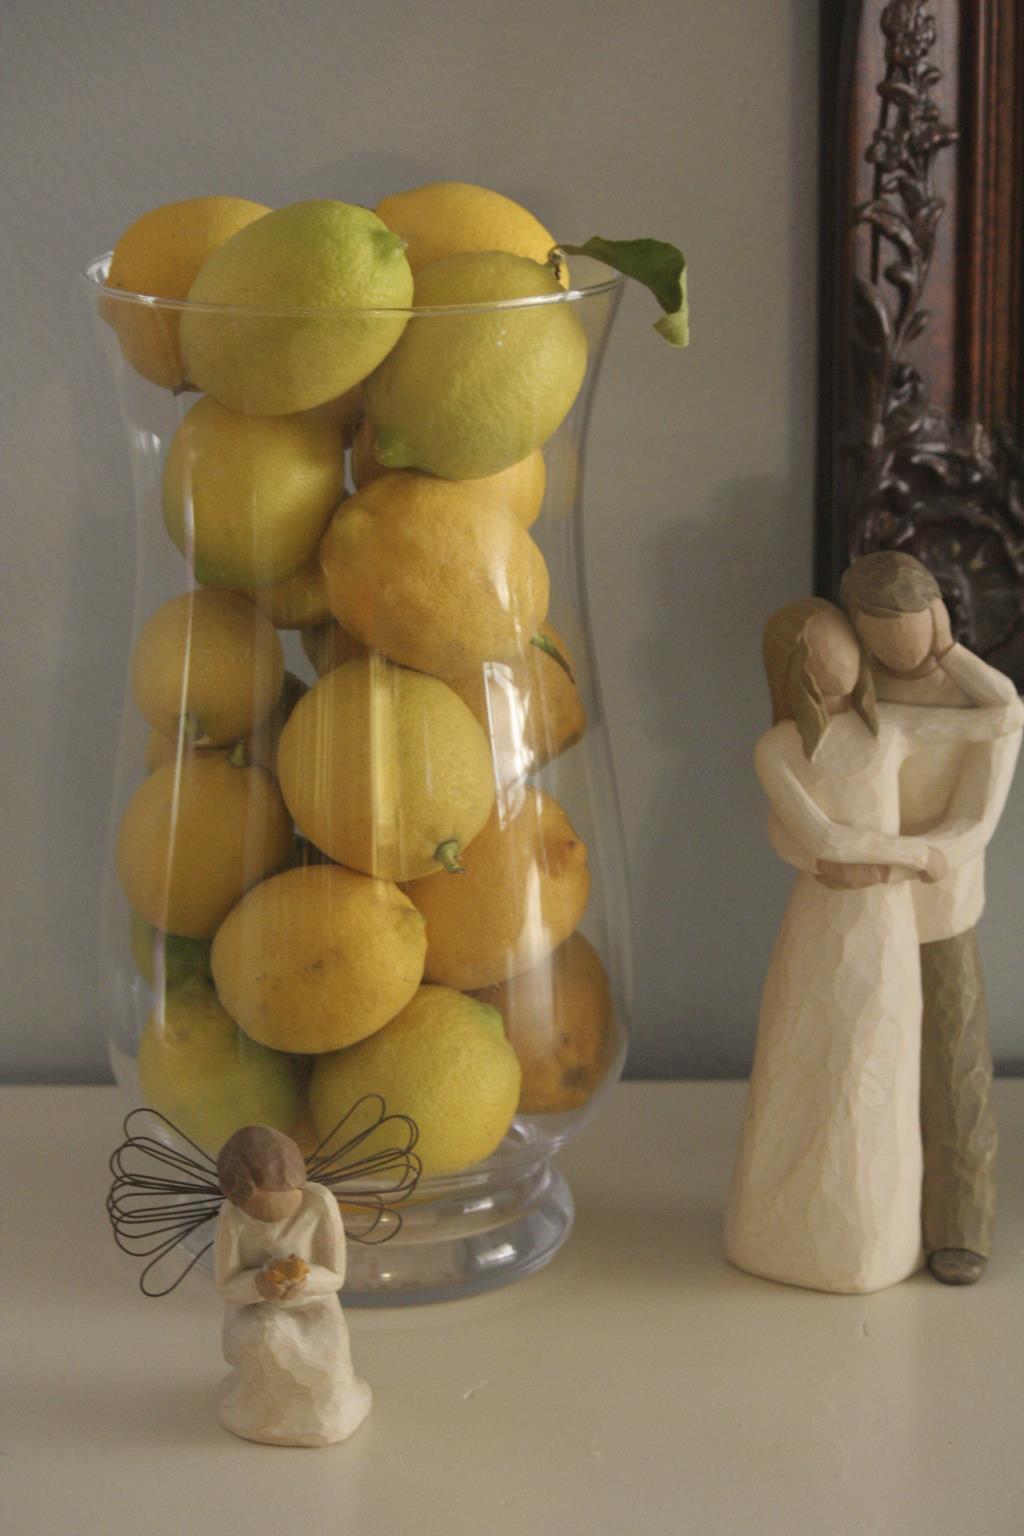 Солнечное настроение в вазе. Блиц: желтое